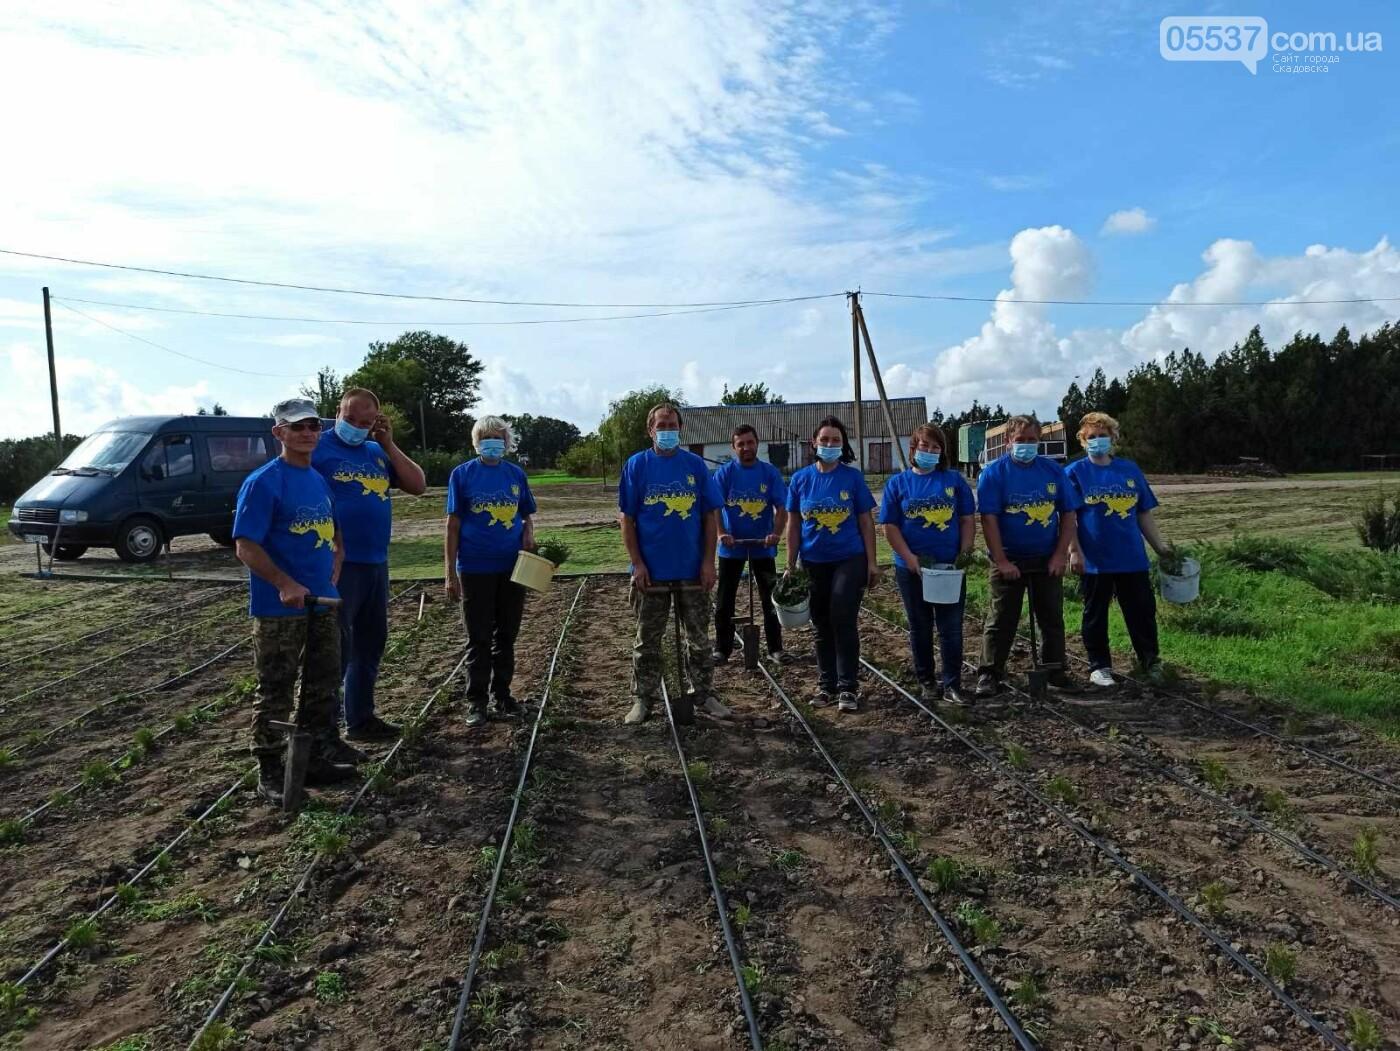 В Скадовске также присоединились к масштабной акции по озеленению, фото-2